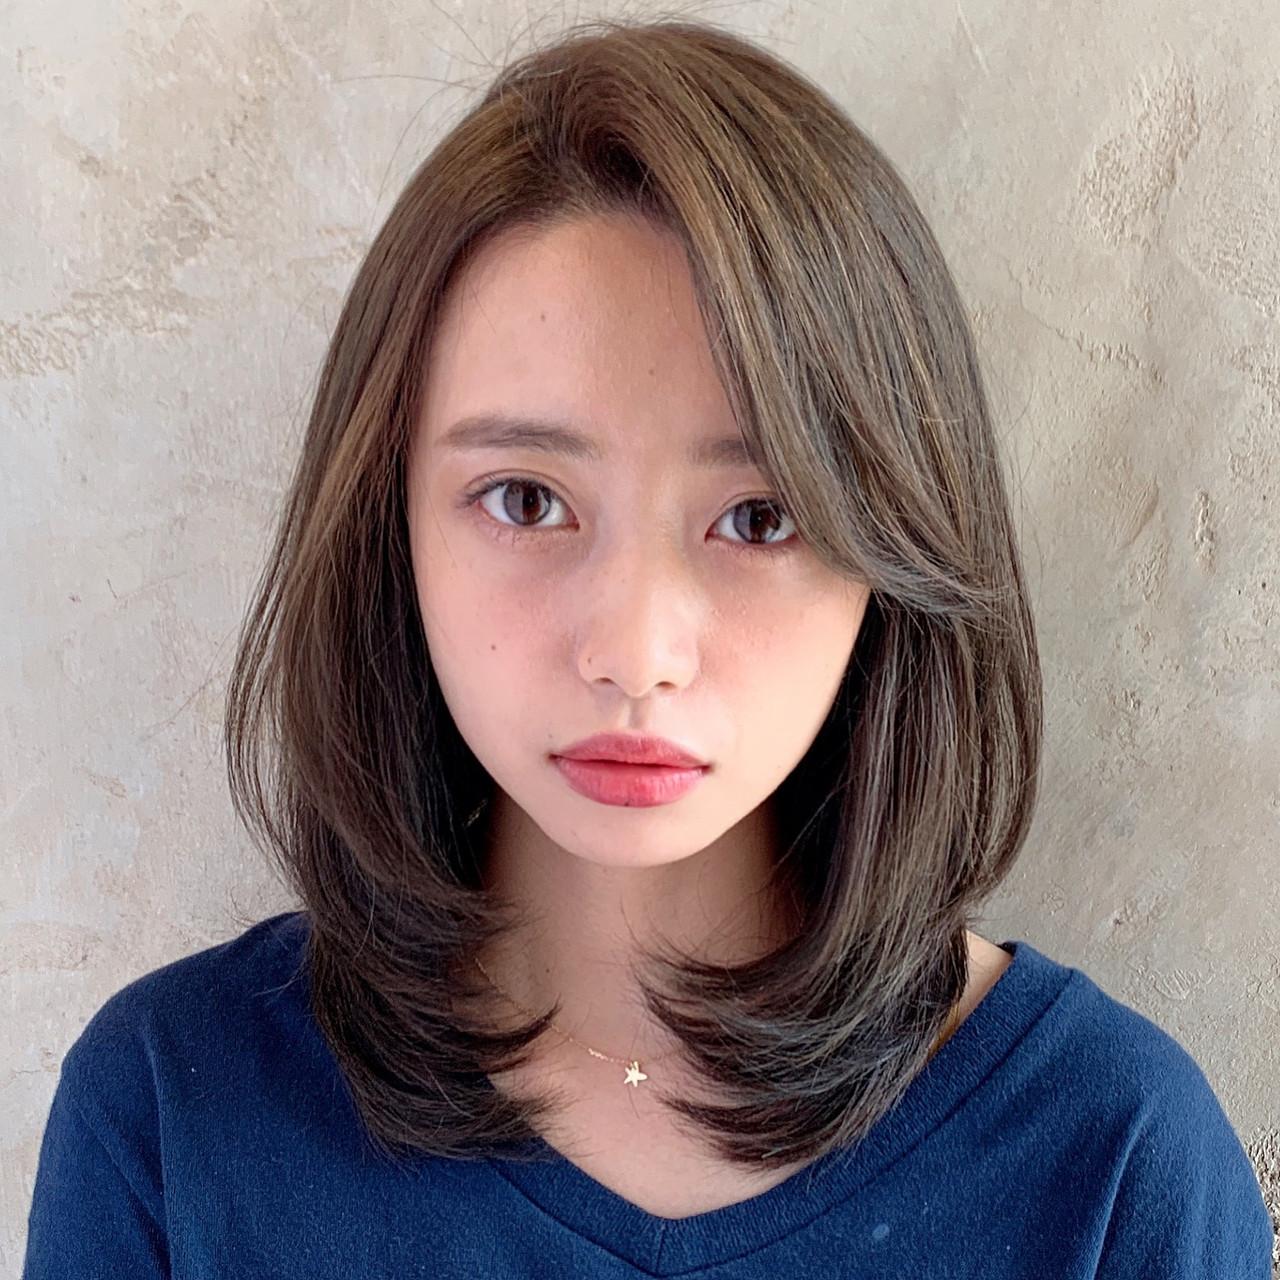 小顔ヘア かきあげバング ナチュラル 大人女子 ヘアスタイルや髪型の写真・画像